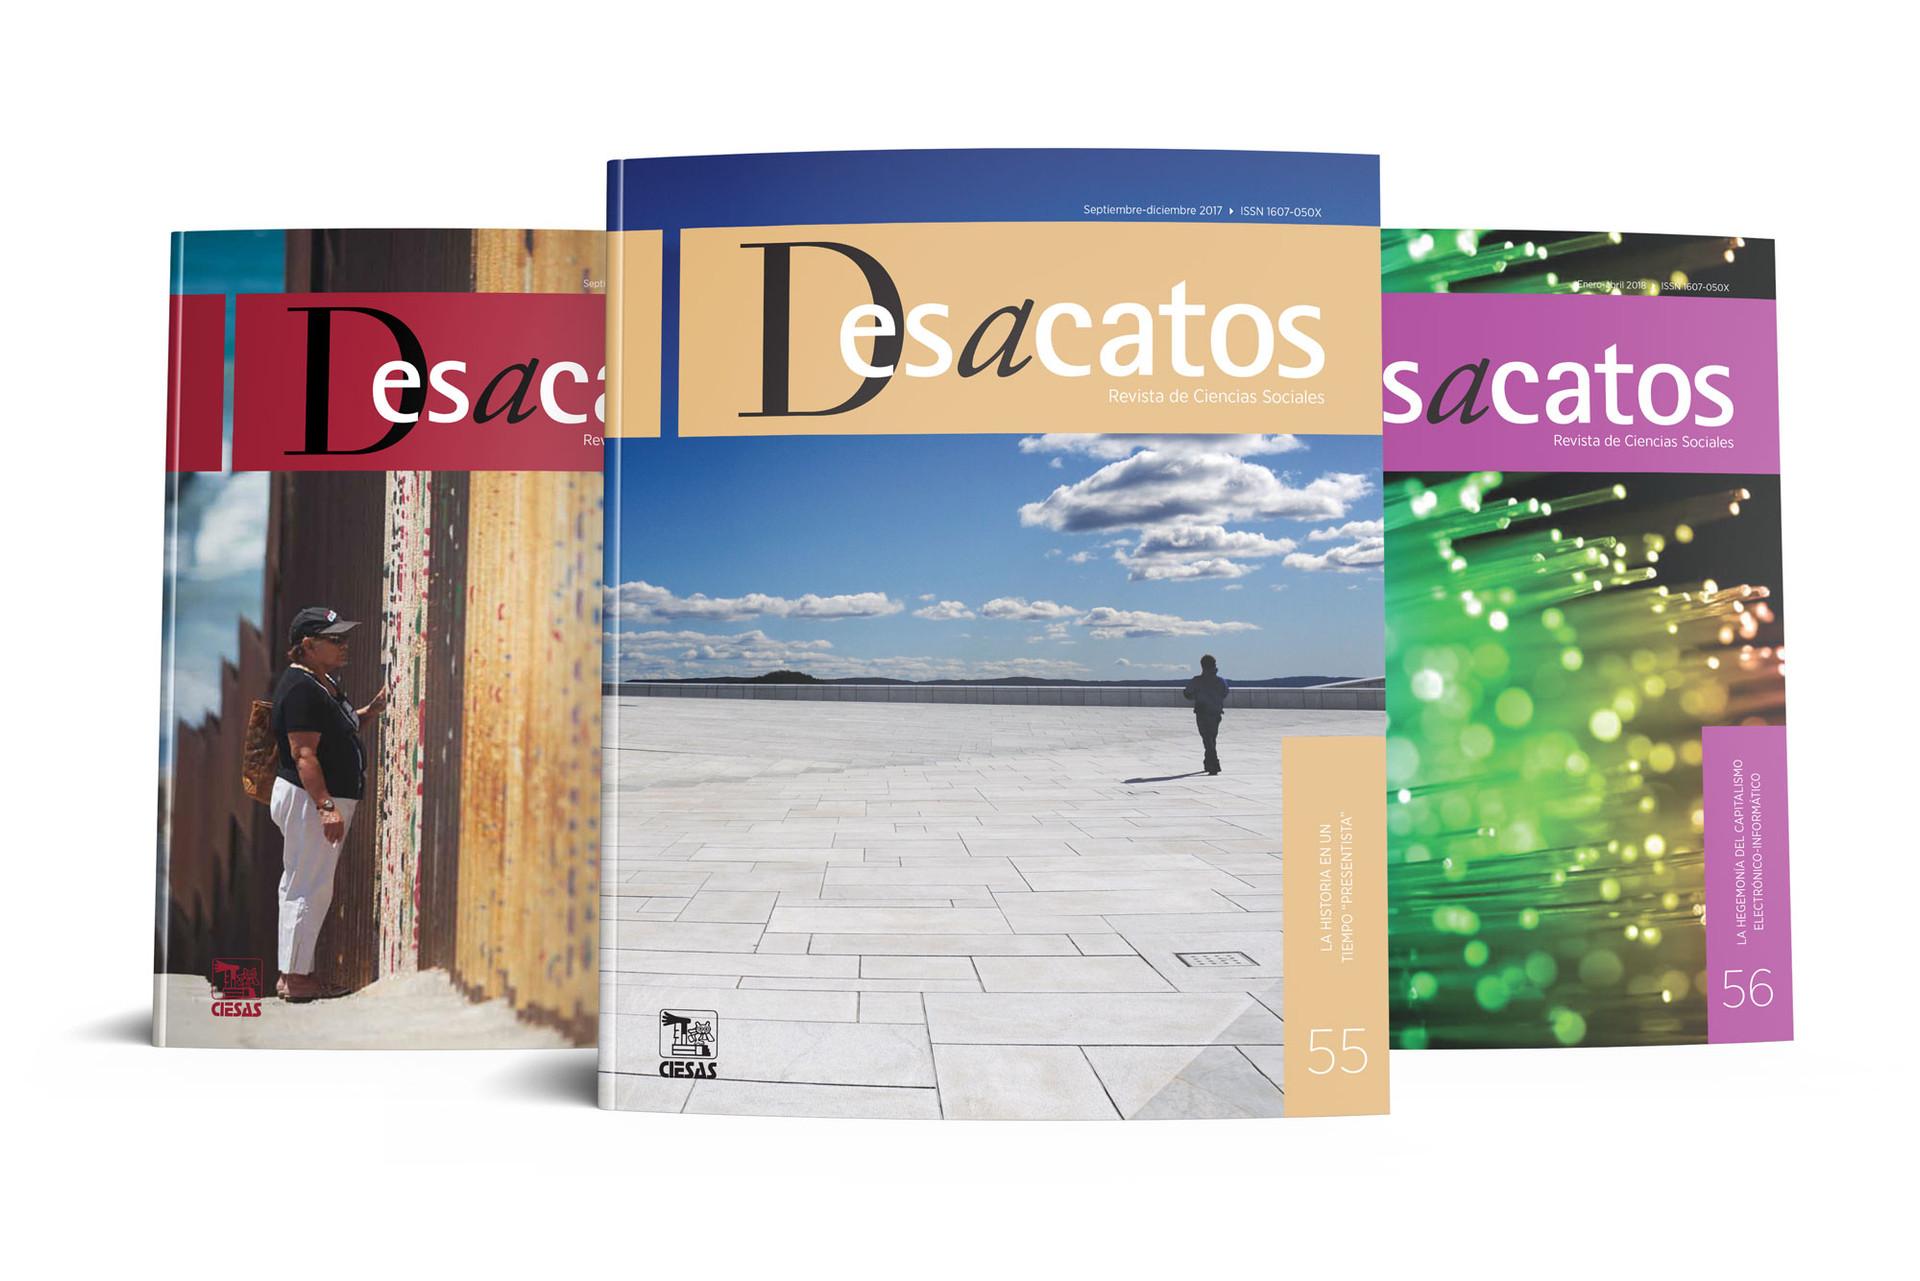 Desacatos_Book-Series2.jpg